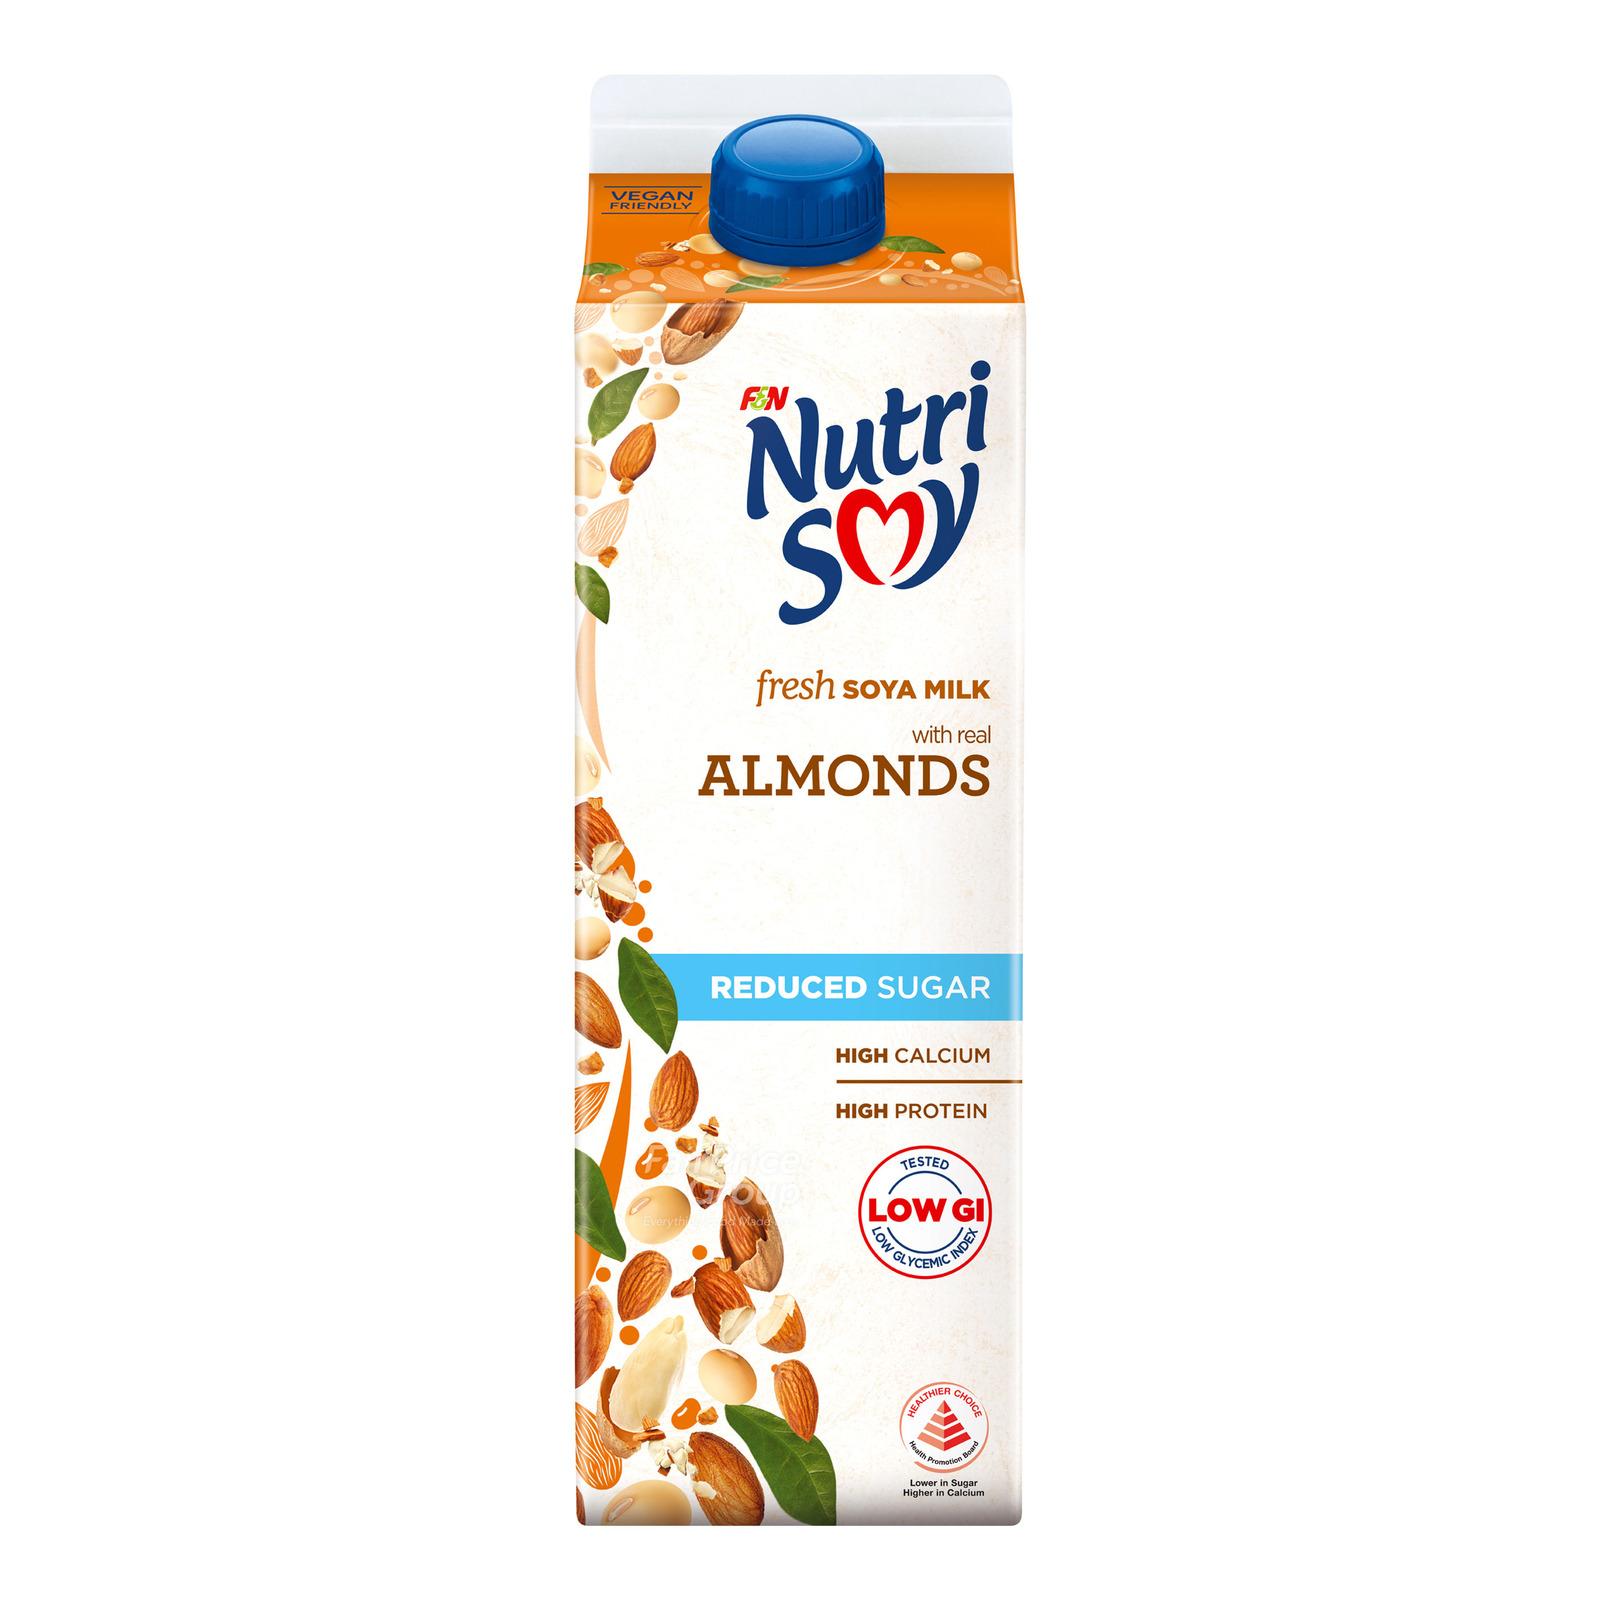 F&N NutriSoy High Calcium Fresh Soya Milk - Almond (Reduced Sugar)